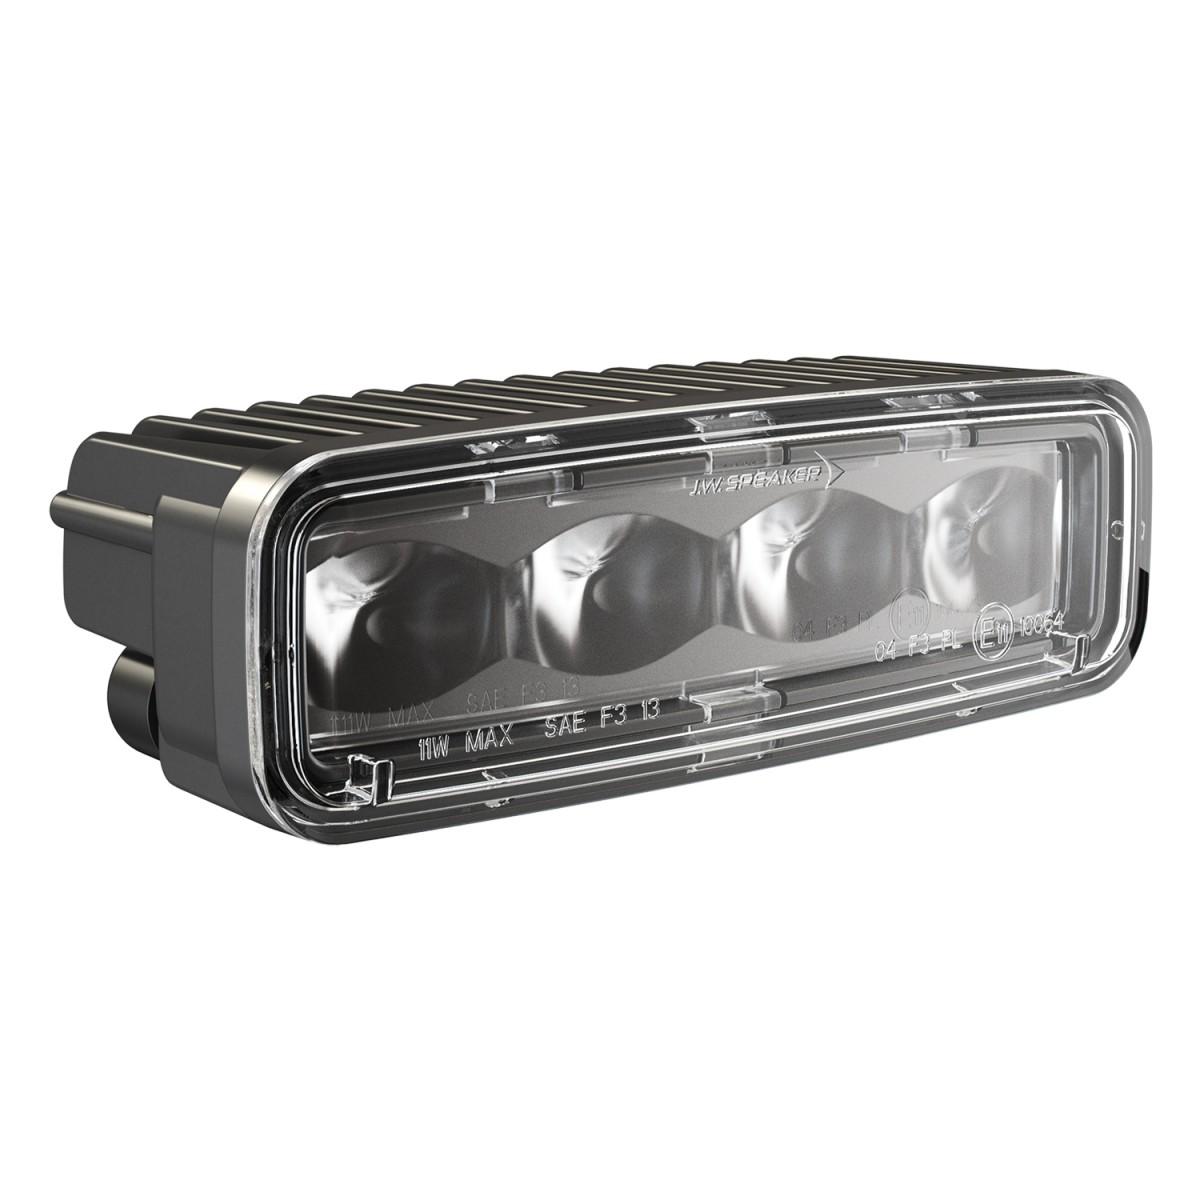 J.W. Speaker - LEDlightpower GmbH